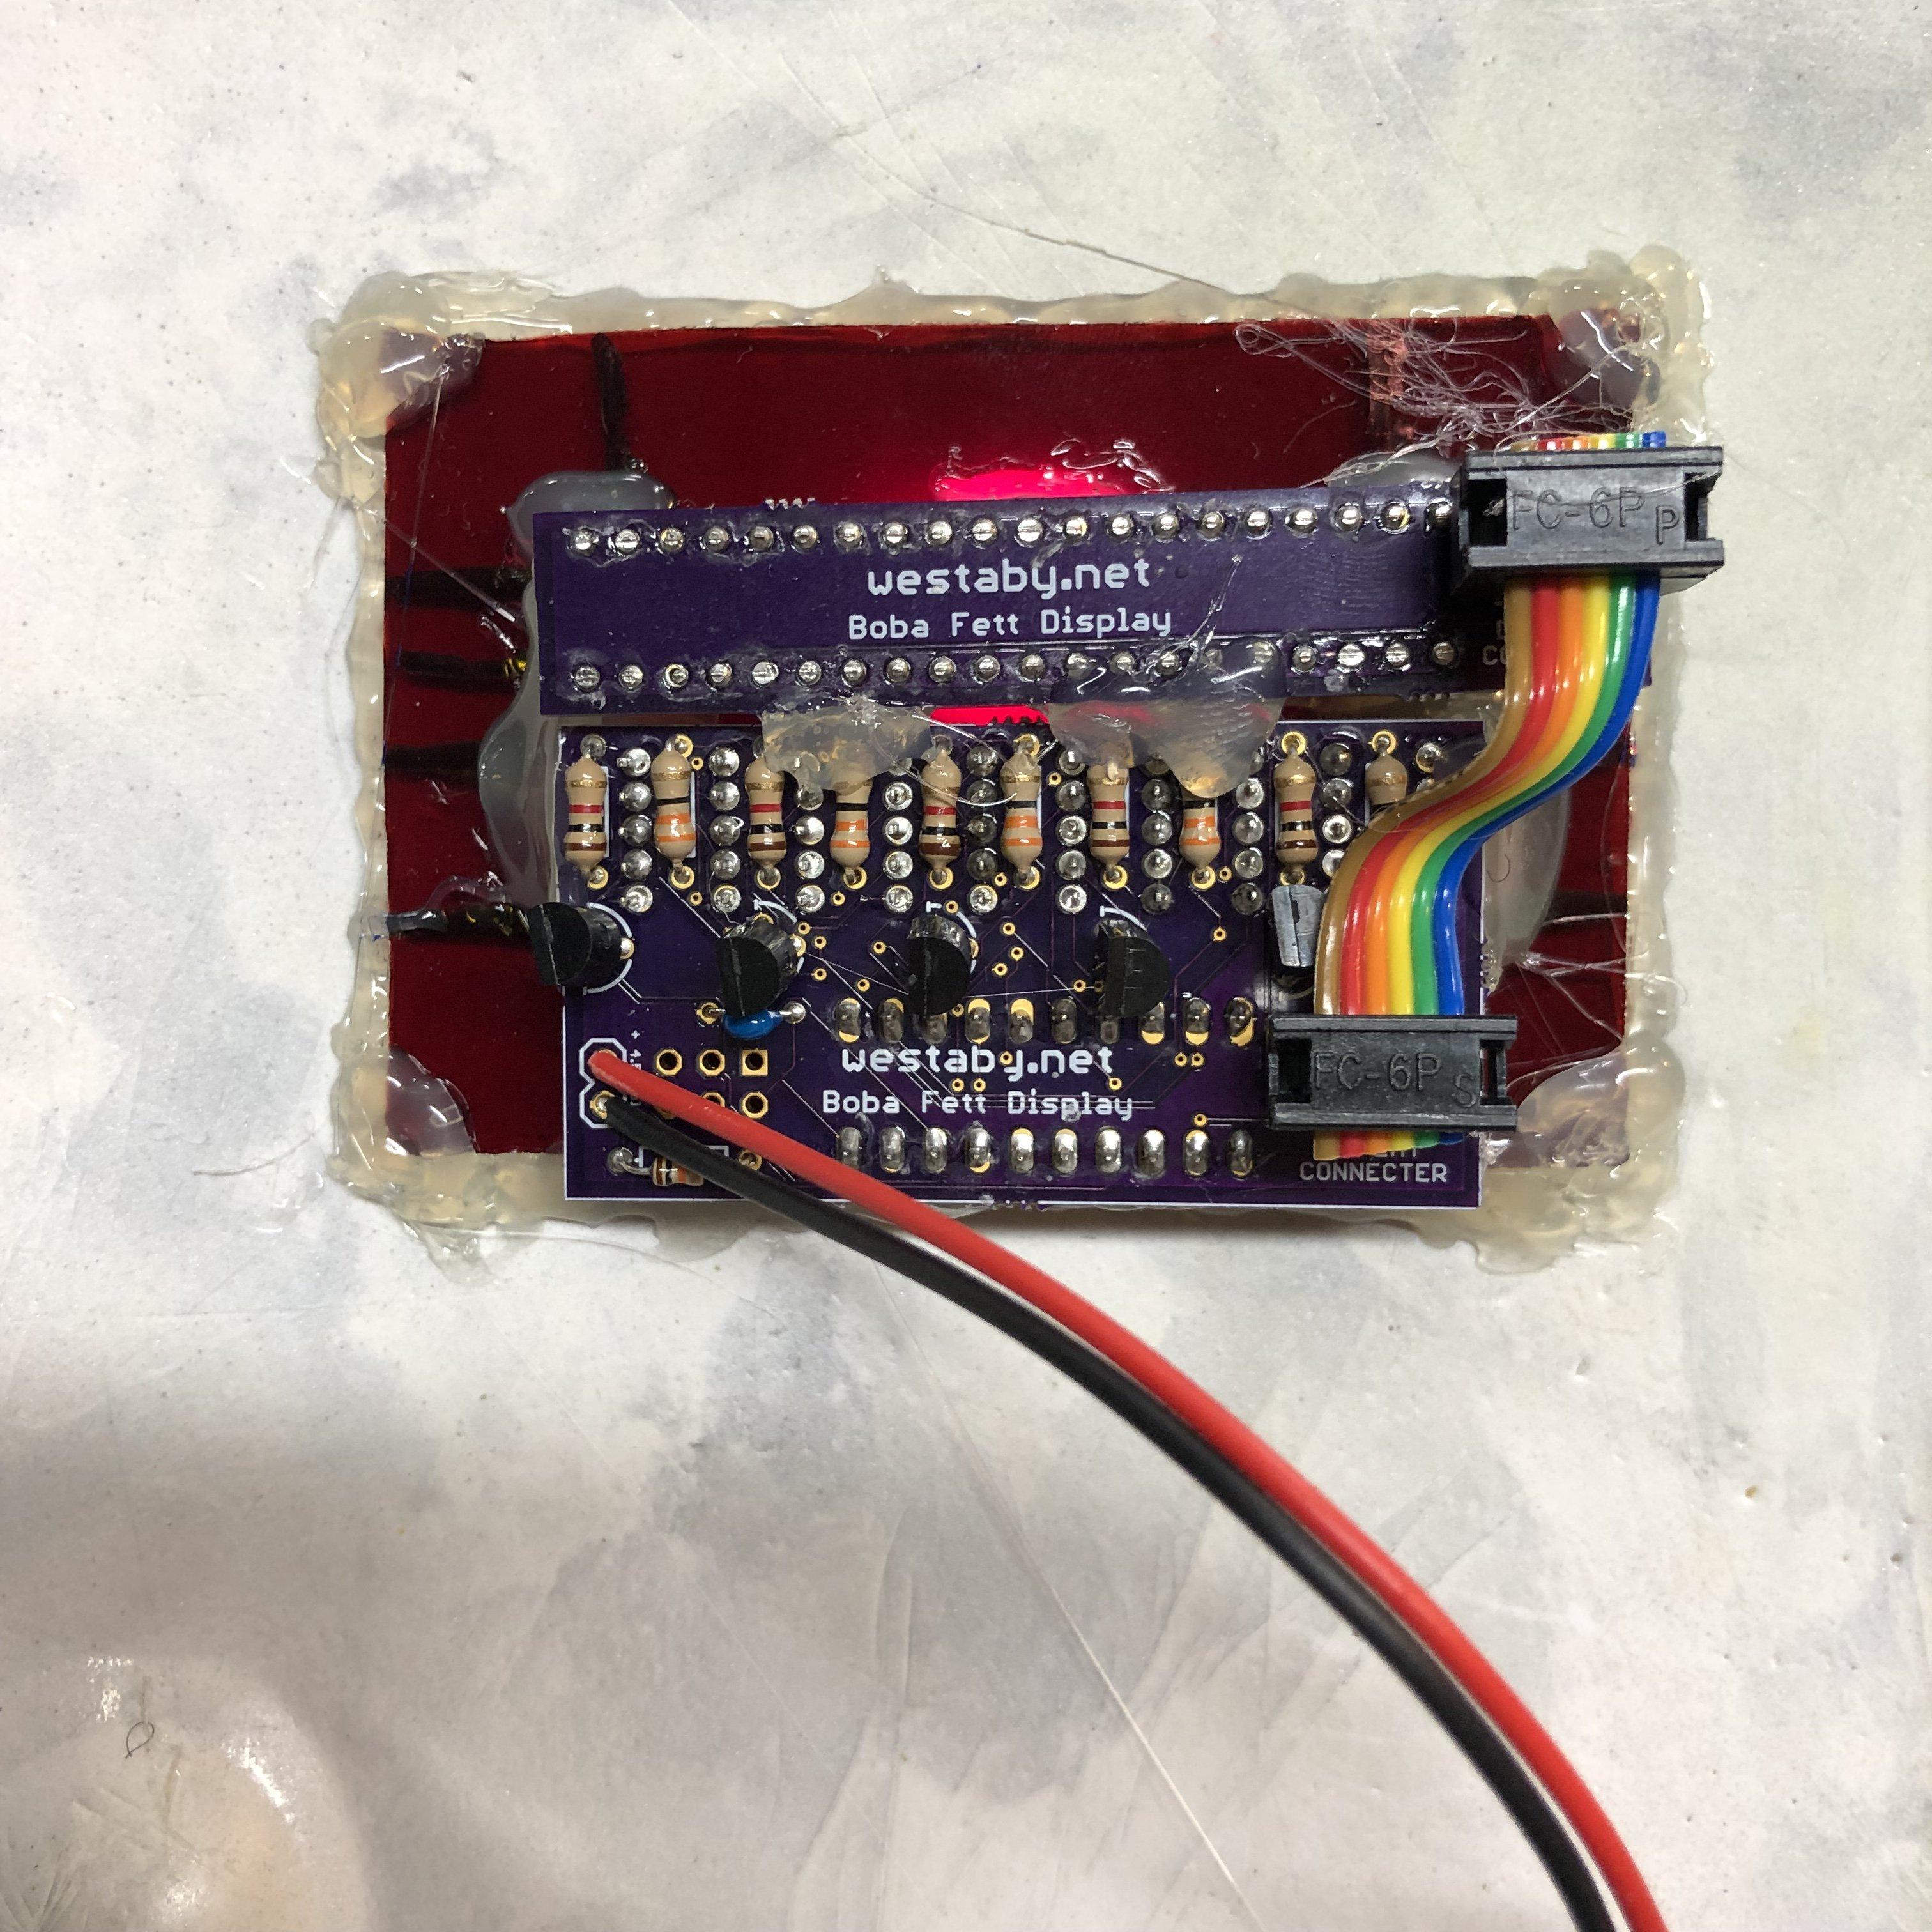 FDC60CE8-BBB3-408B-9988-FCDEB419B56B.jpeg